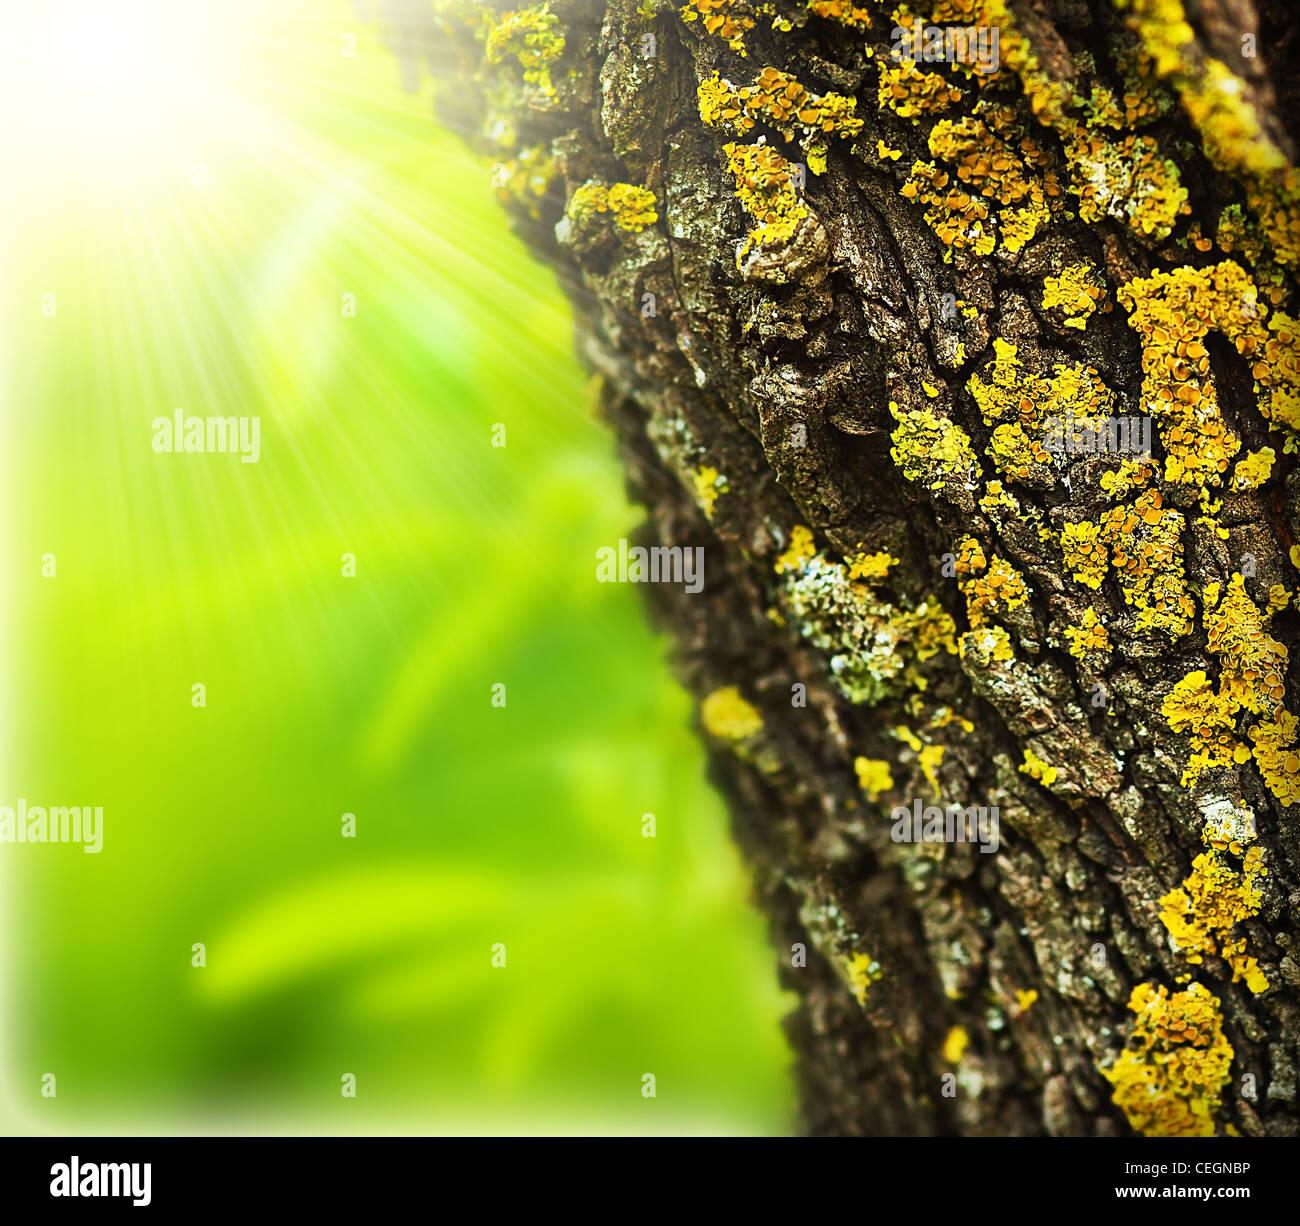 Foresta di primavera sfondo astratto, vicino sul vecchio albero tronco, soleggiata giornata di primavera, la bellissima Immagini Stock